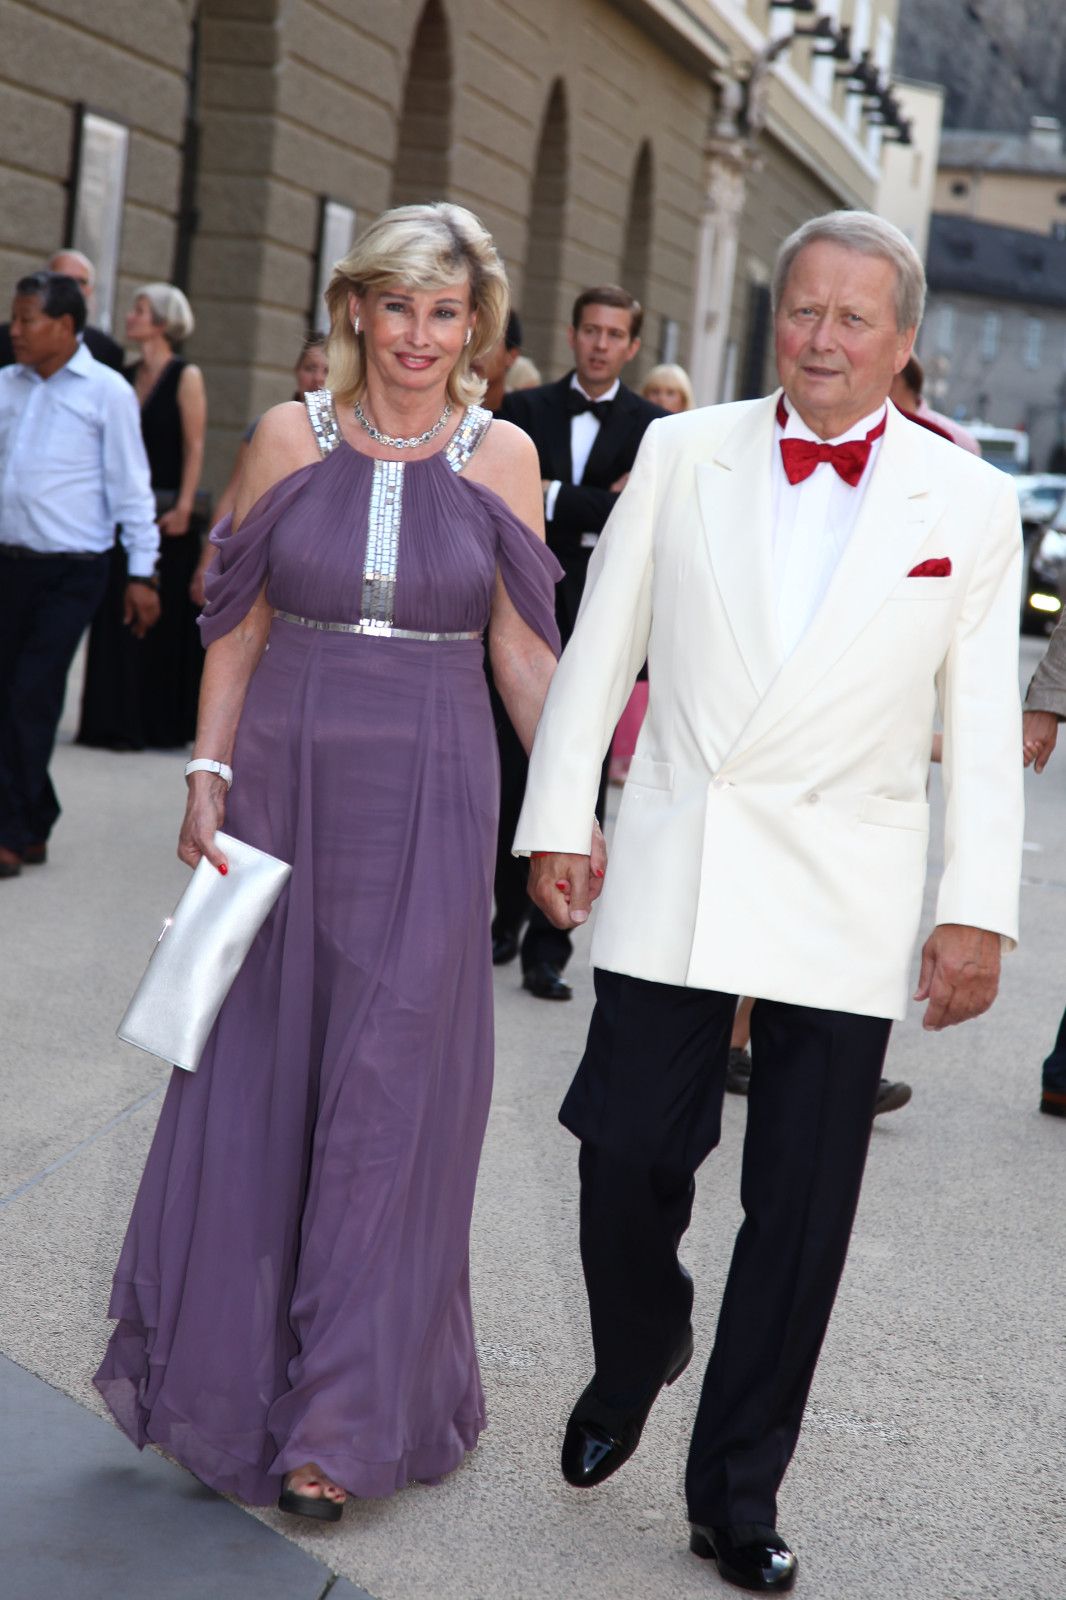 Claudia Hübner und Wolfgang Porsche im Festspielbezirk